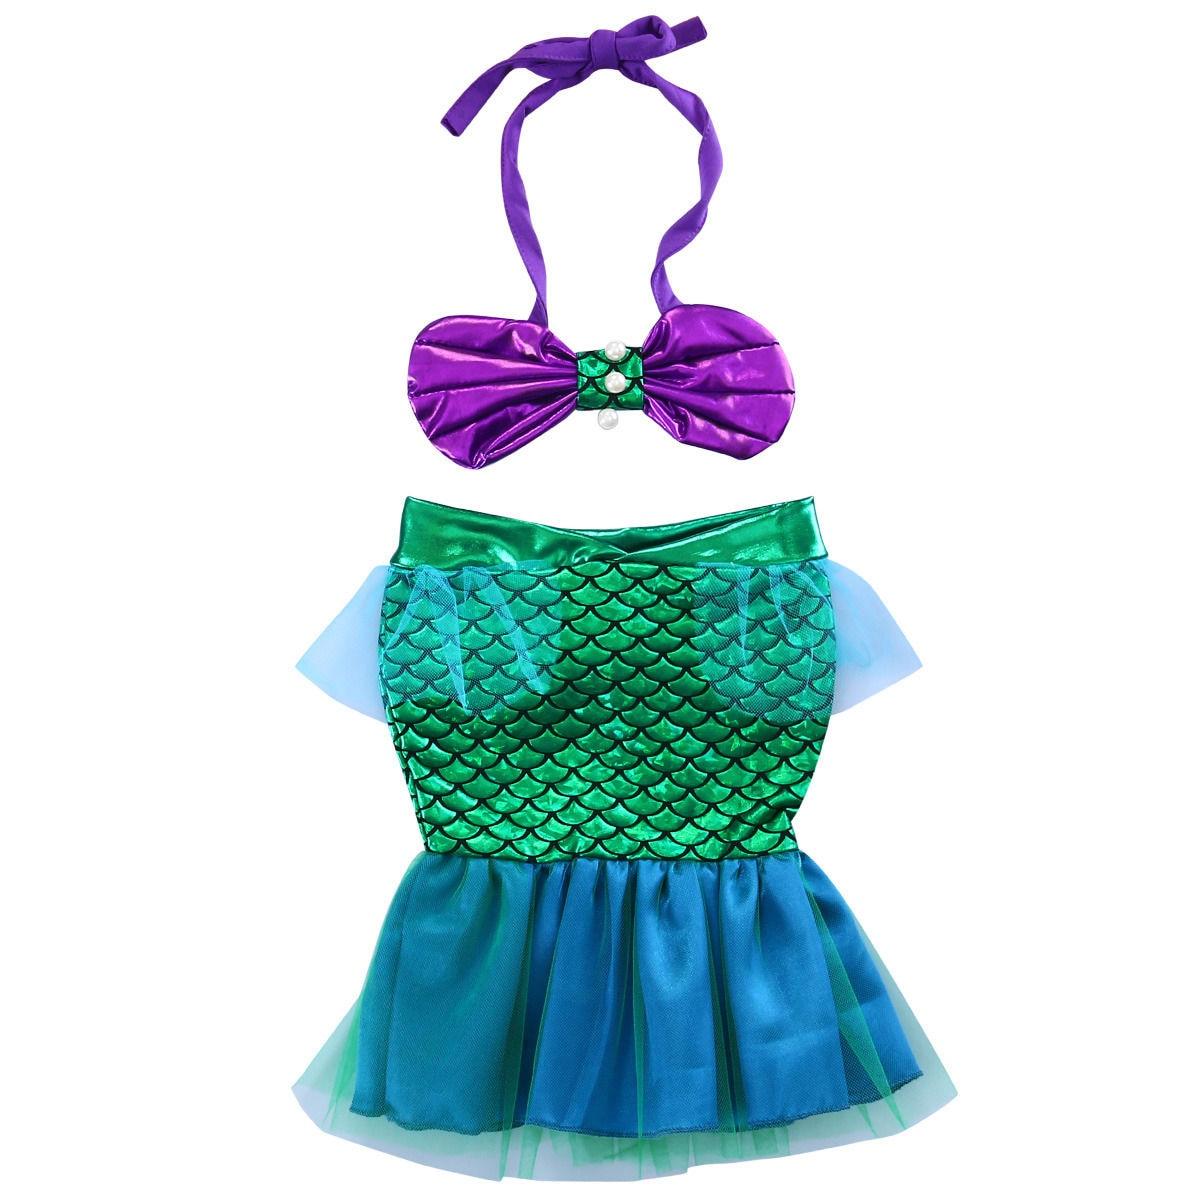 cute neonato ragazze mermaid tail vestito del bikini costumi da bagno di nuoto costume di fantasia